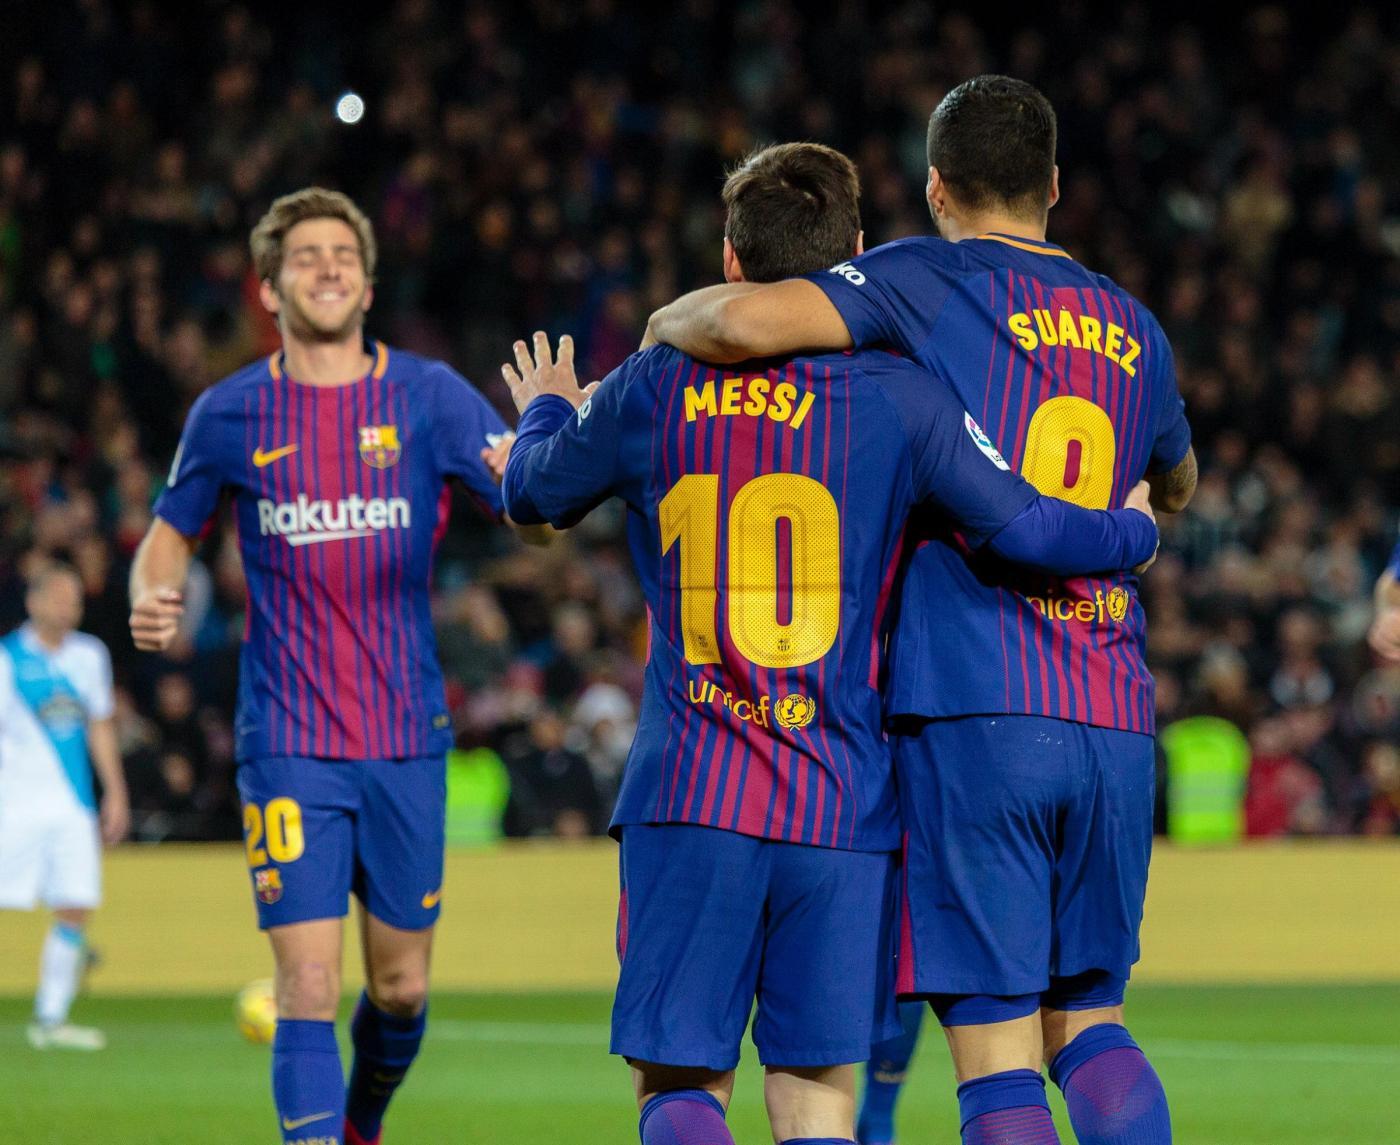 Copa del Rey, Barcellona-Siviglia mercoledì 30 gennaio: analisi e pronostico del ritorno dei quarti di finale della manifestazione spagnola